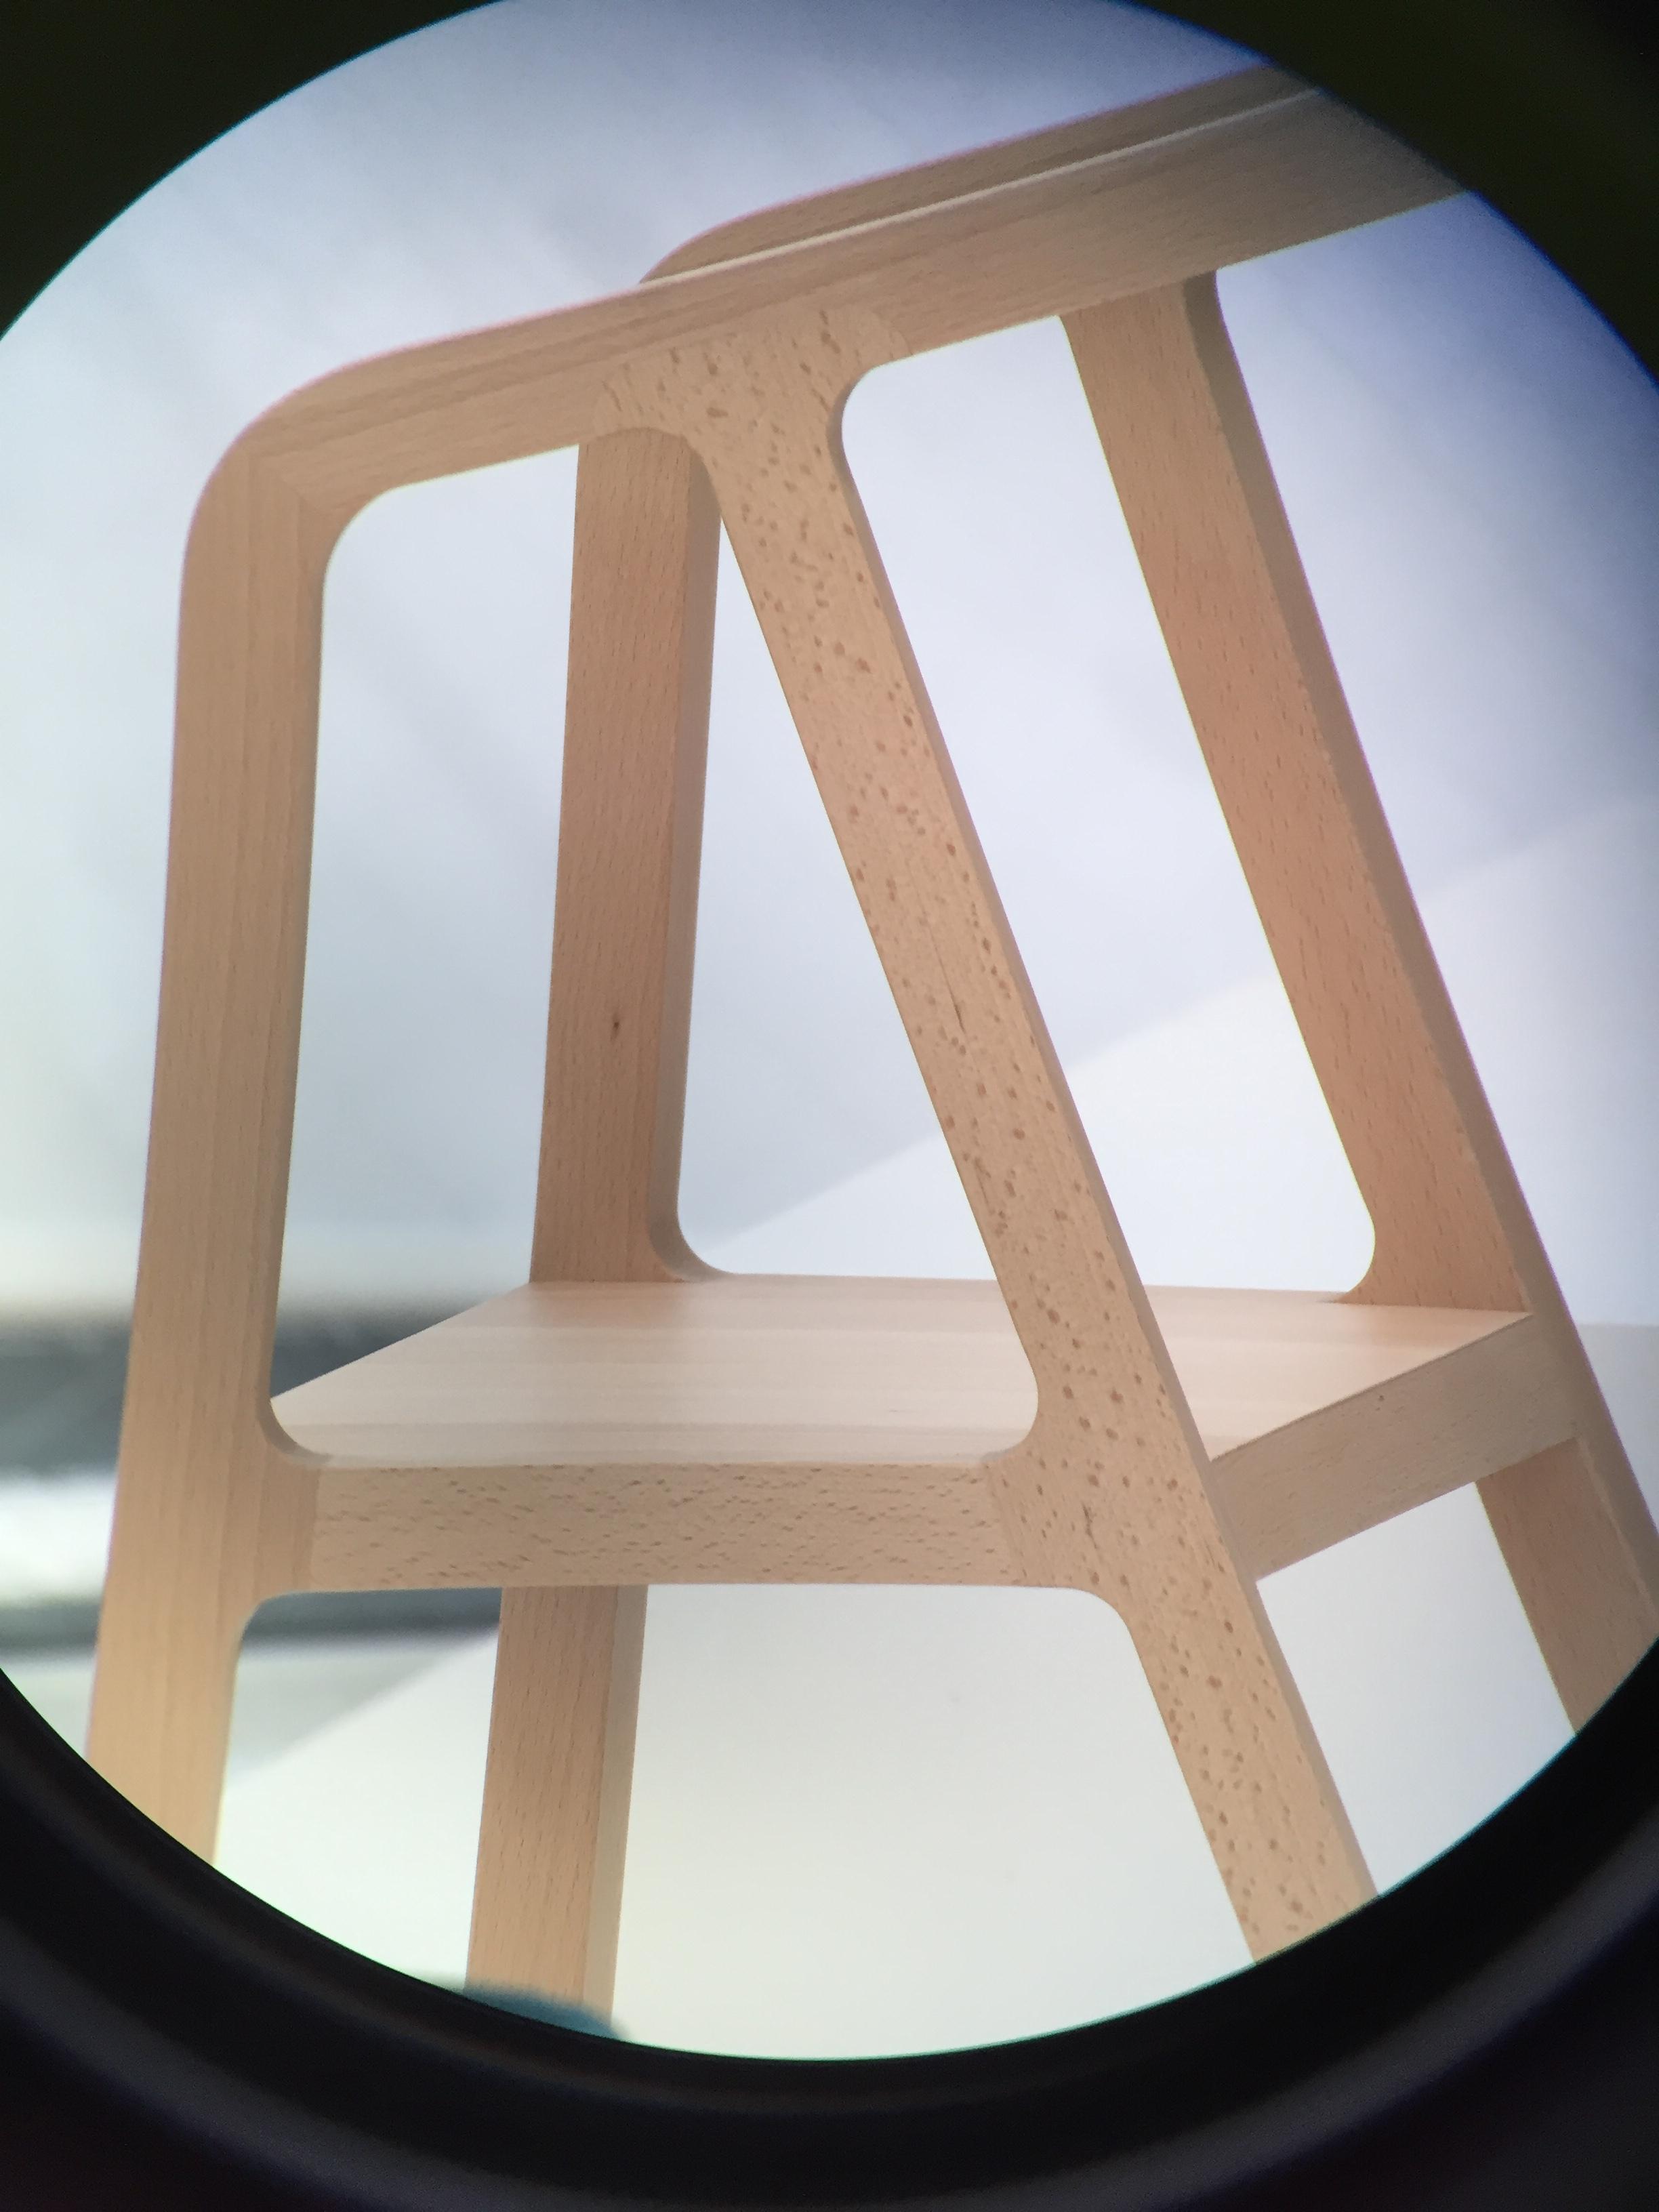 Thomas Feichtner, A Chair